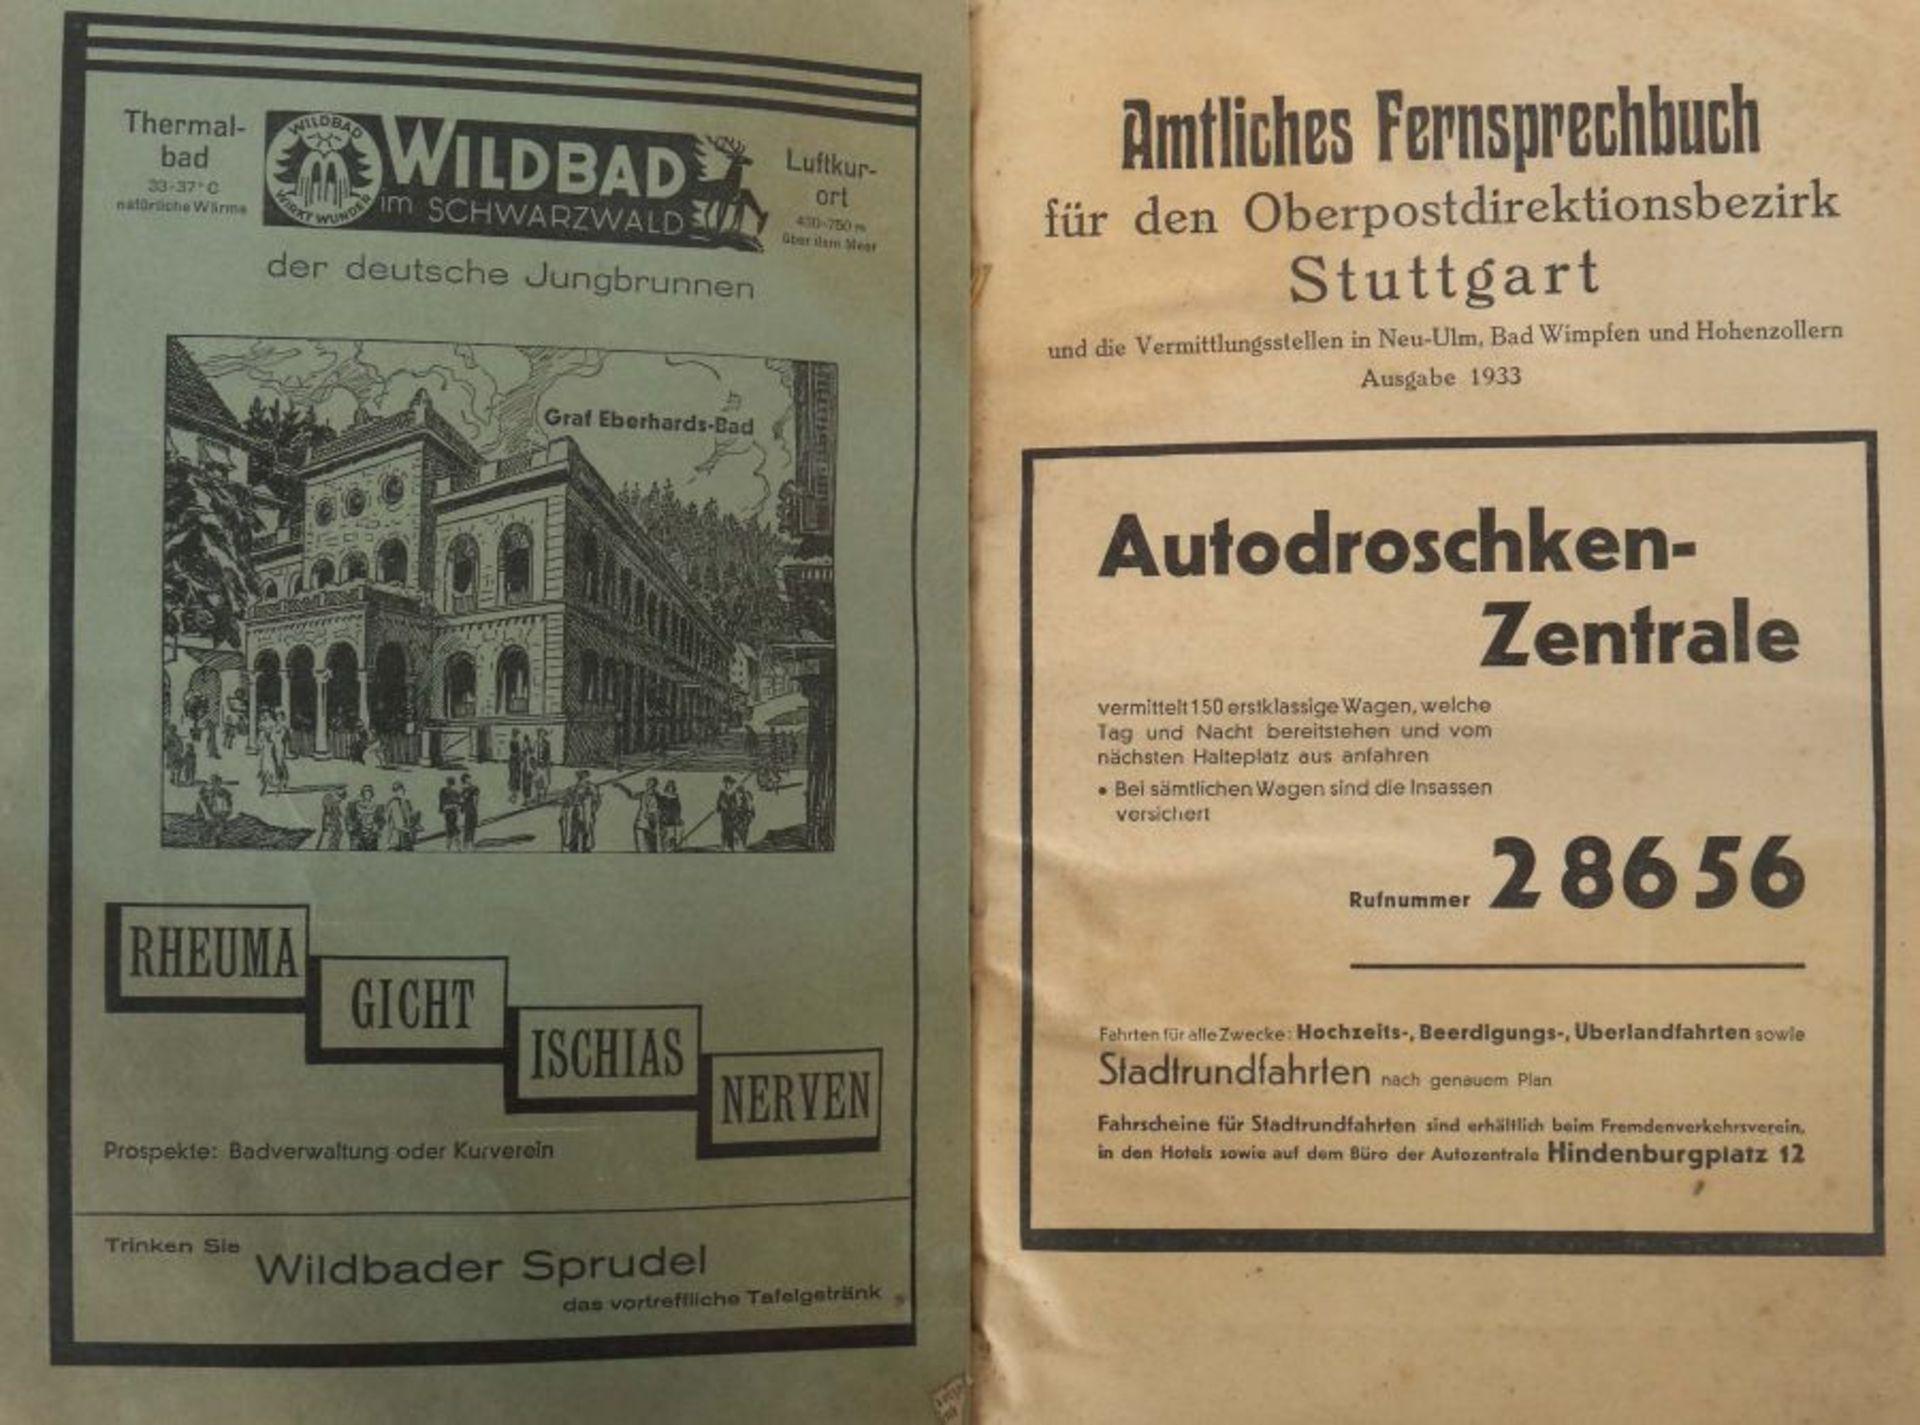 Amtliches Fernsprechbuch für den Oberpostdirektionsbezirk Stuttgart, Ausgabe Juni 1933, 578 S. + - Bild 2 aus 3